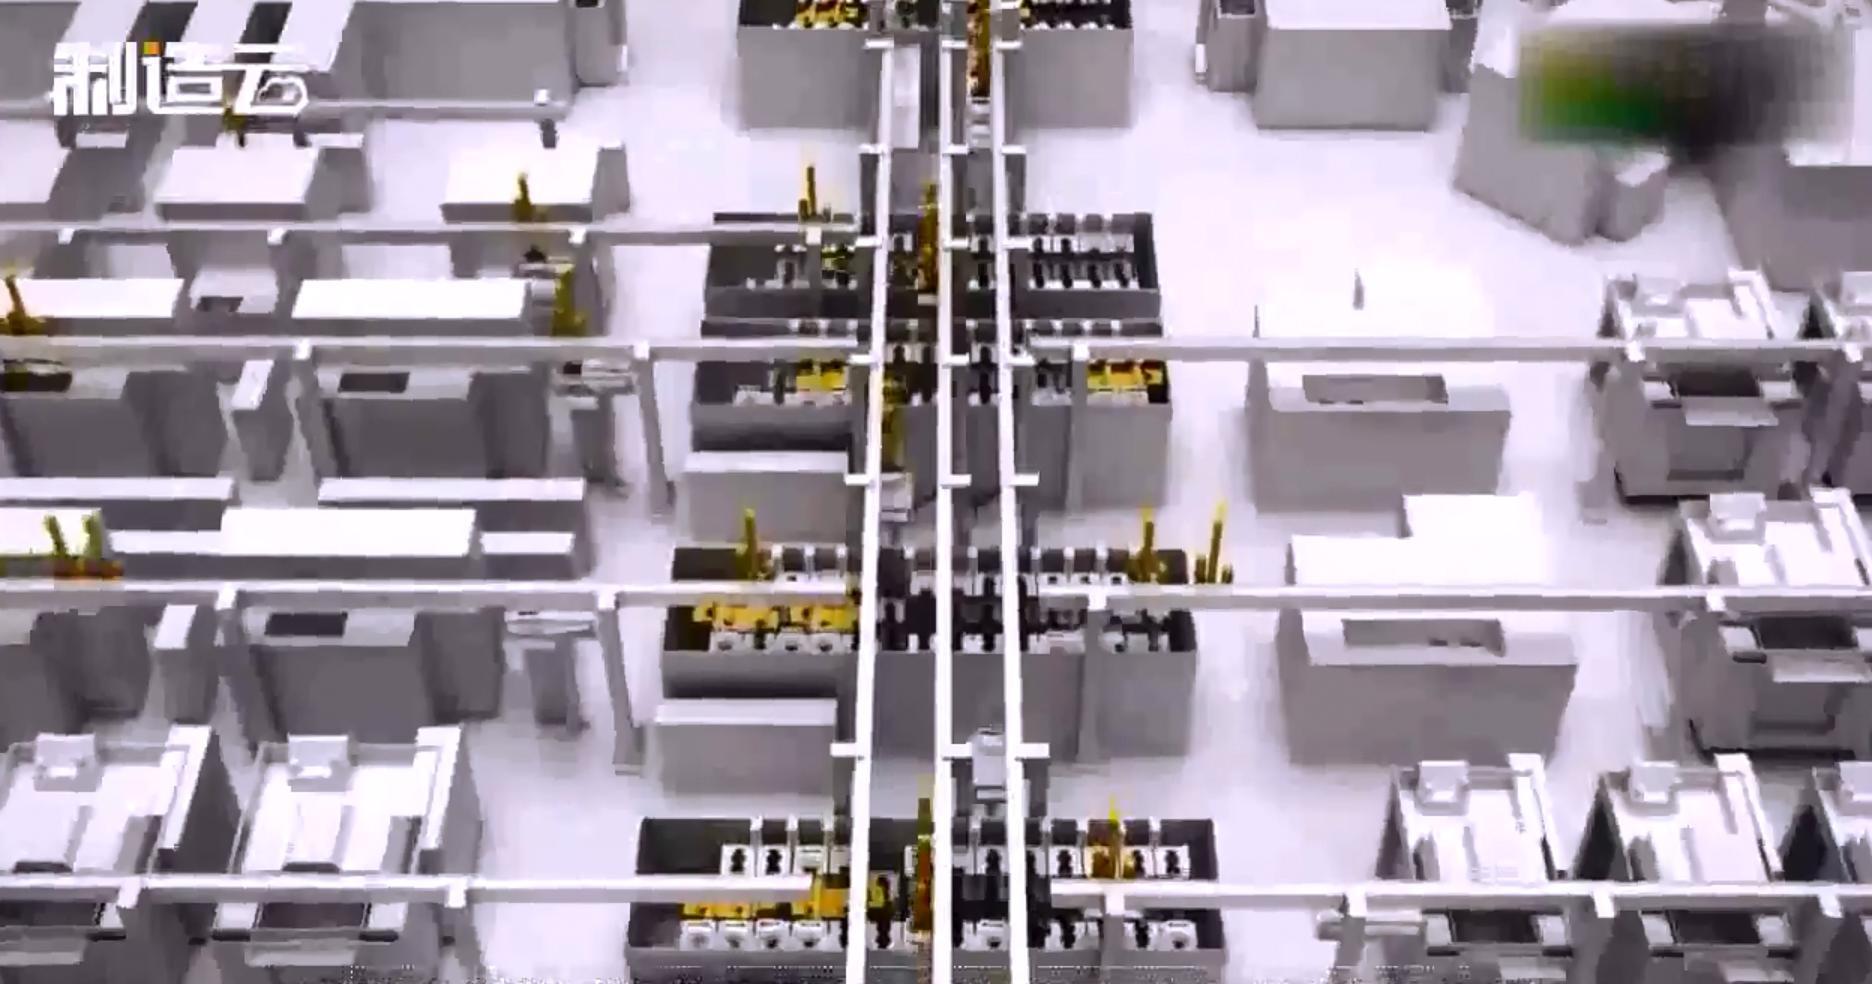 德国宝马自动化无人工厂视频